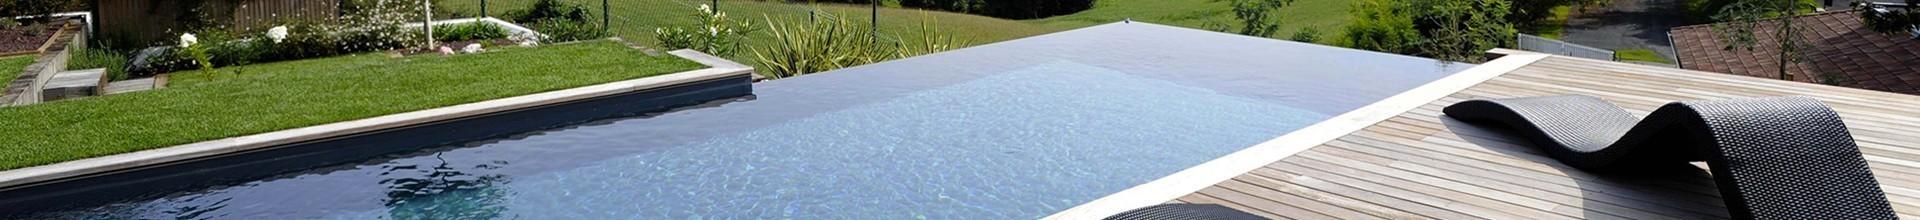 ✅  Auvergne Ardèche Fabricant d'une piscine révolutionnaire